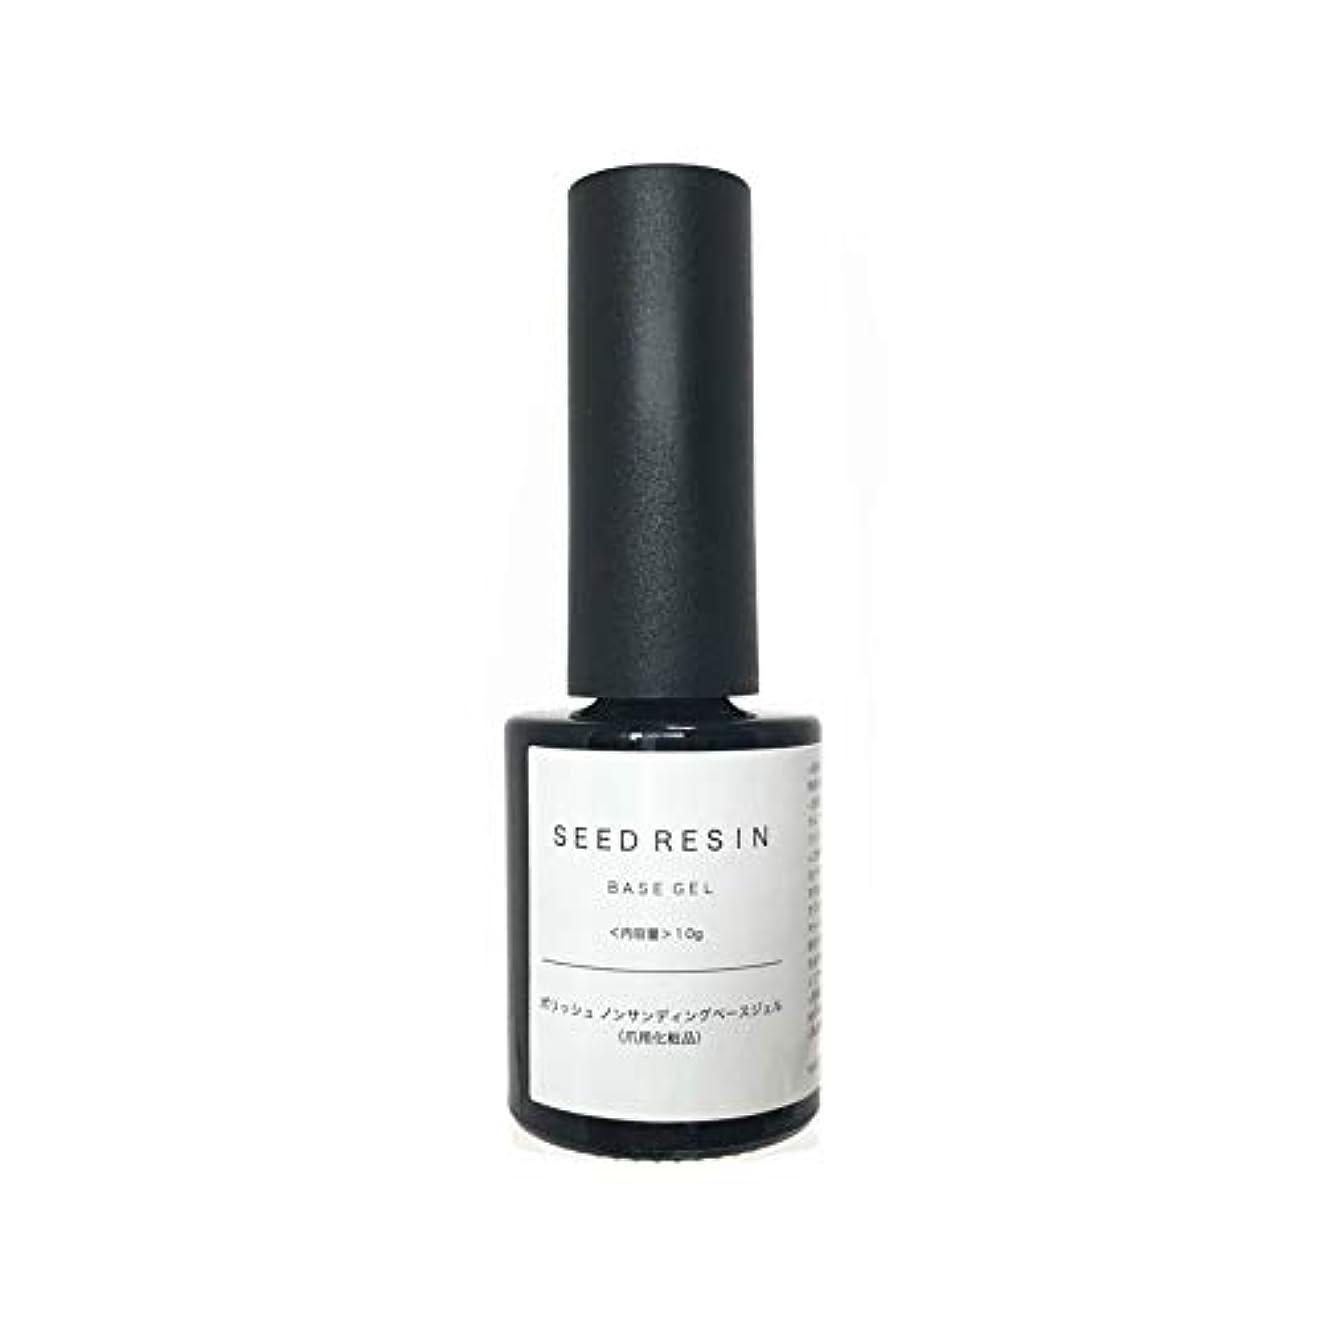 ひも前に競争力のあるSEED RESIN(シードレジン) ジェルネイル ポリッシュ ノンサンディング ベースジェル 10g 爪用化粧品 日本製